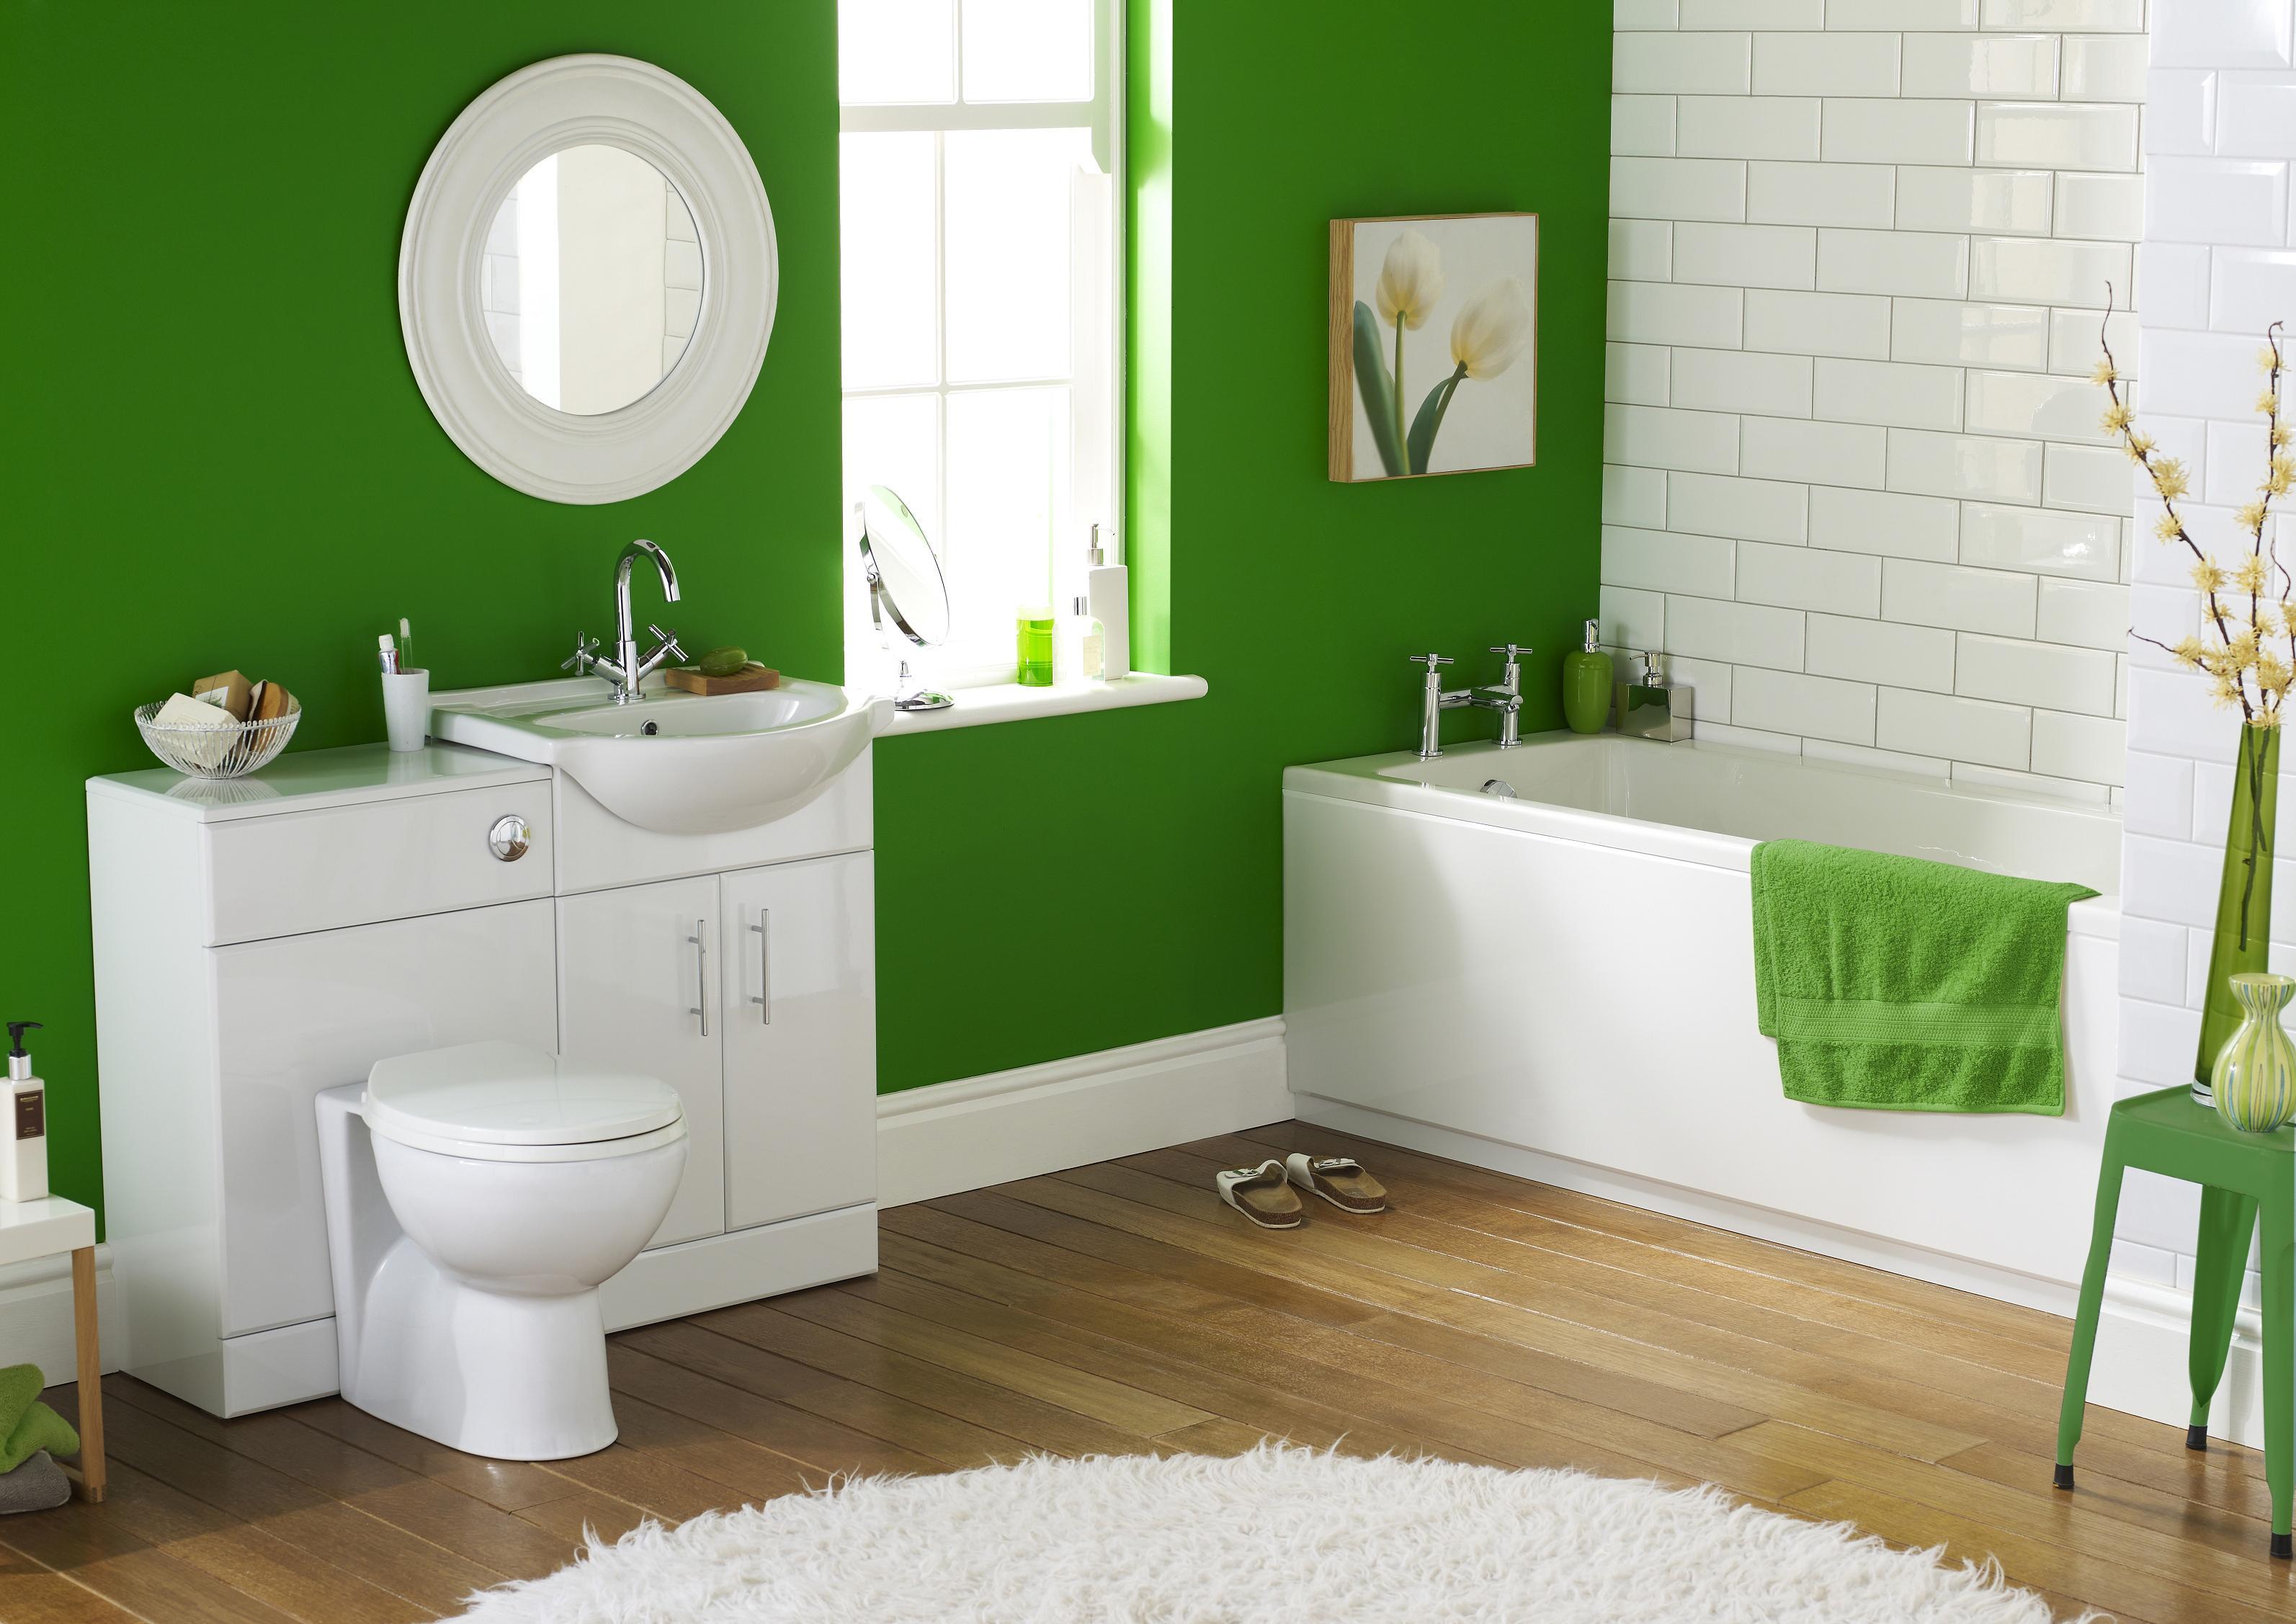 Remont-vannoy-i-tualeta--variantyi-dizayna 14